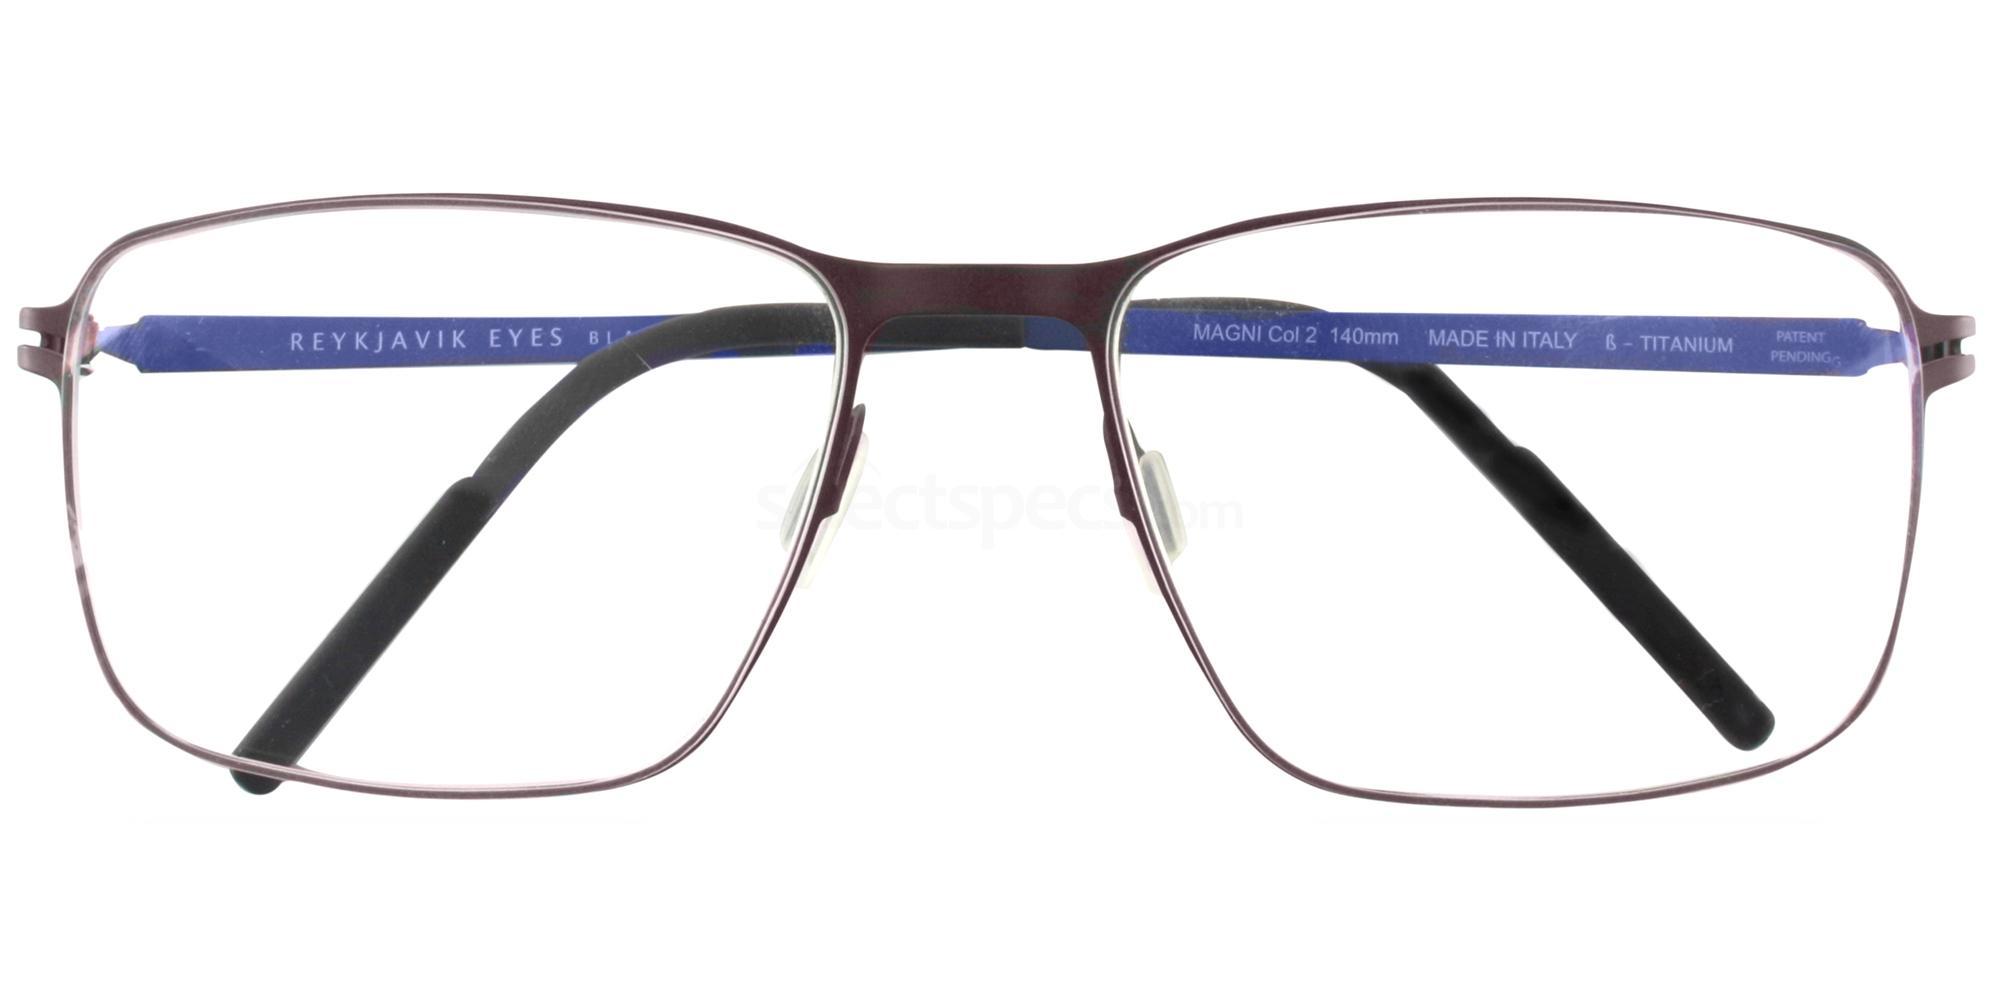 C2 MAGNI Glasses, Reykjavik Eyes Black Label